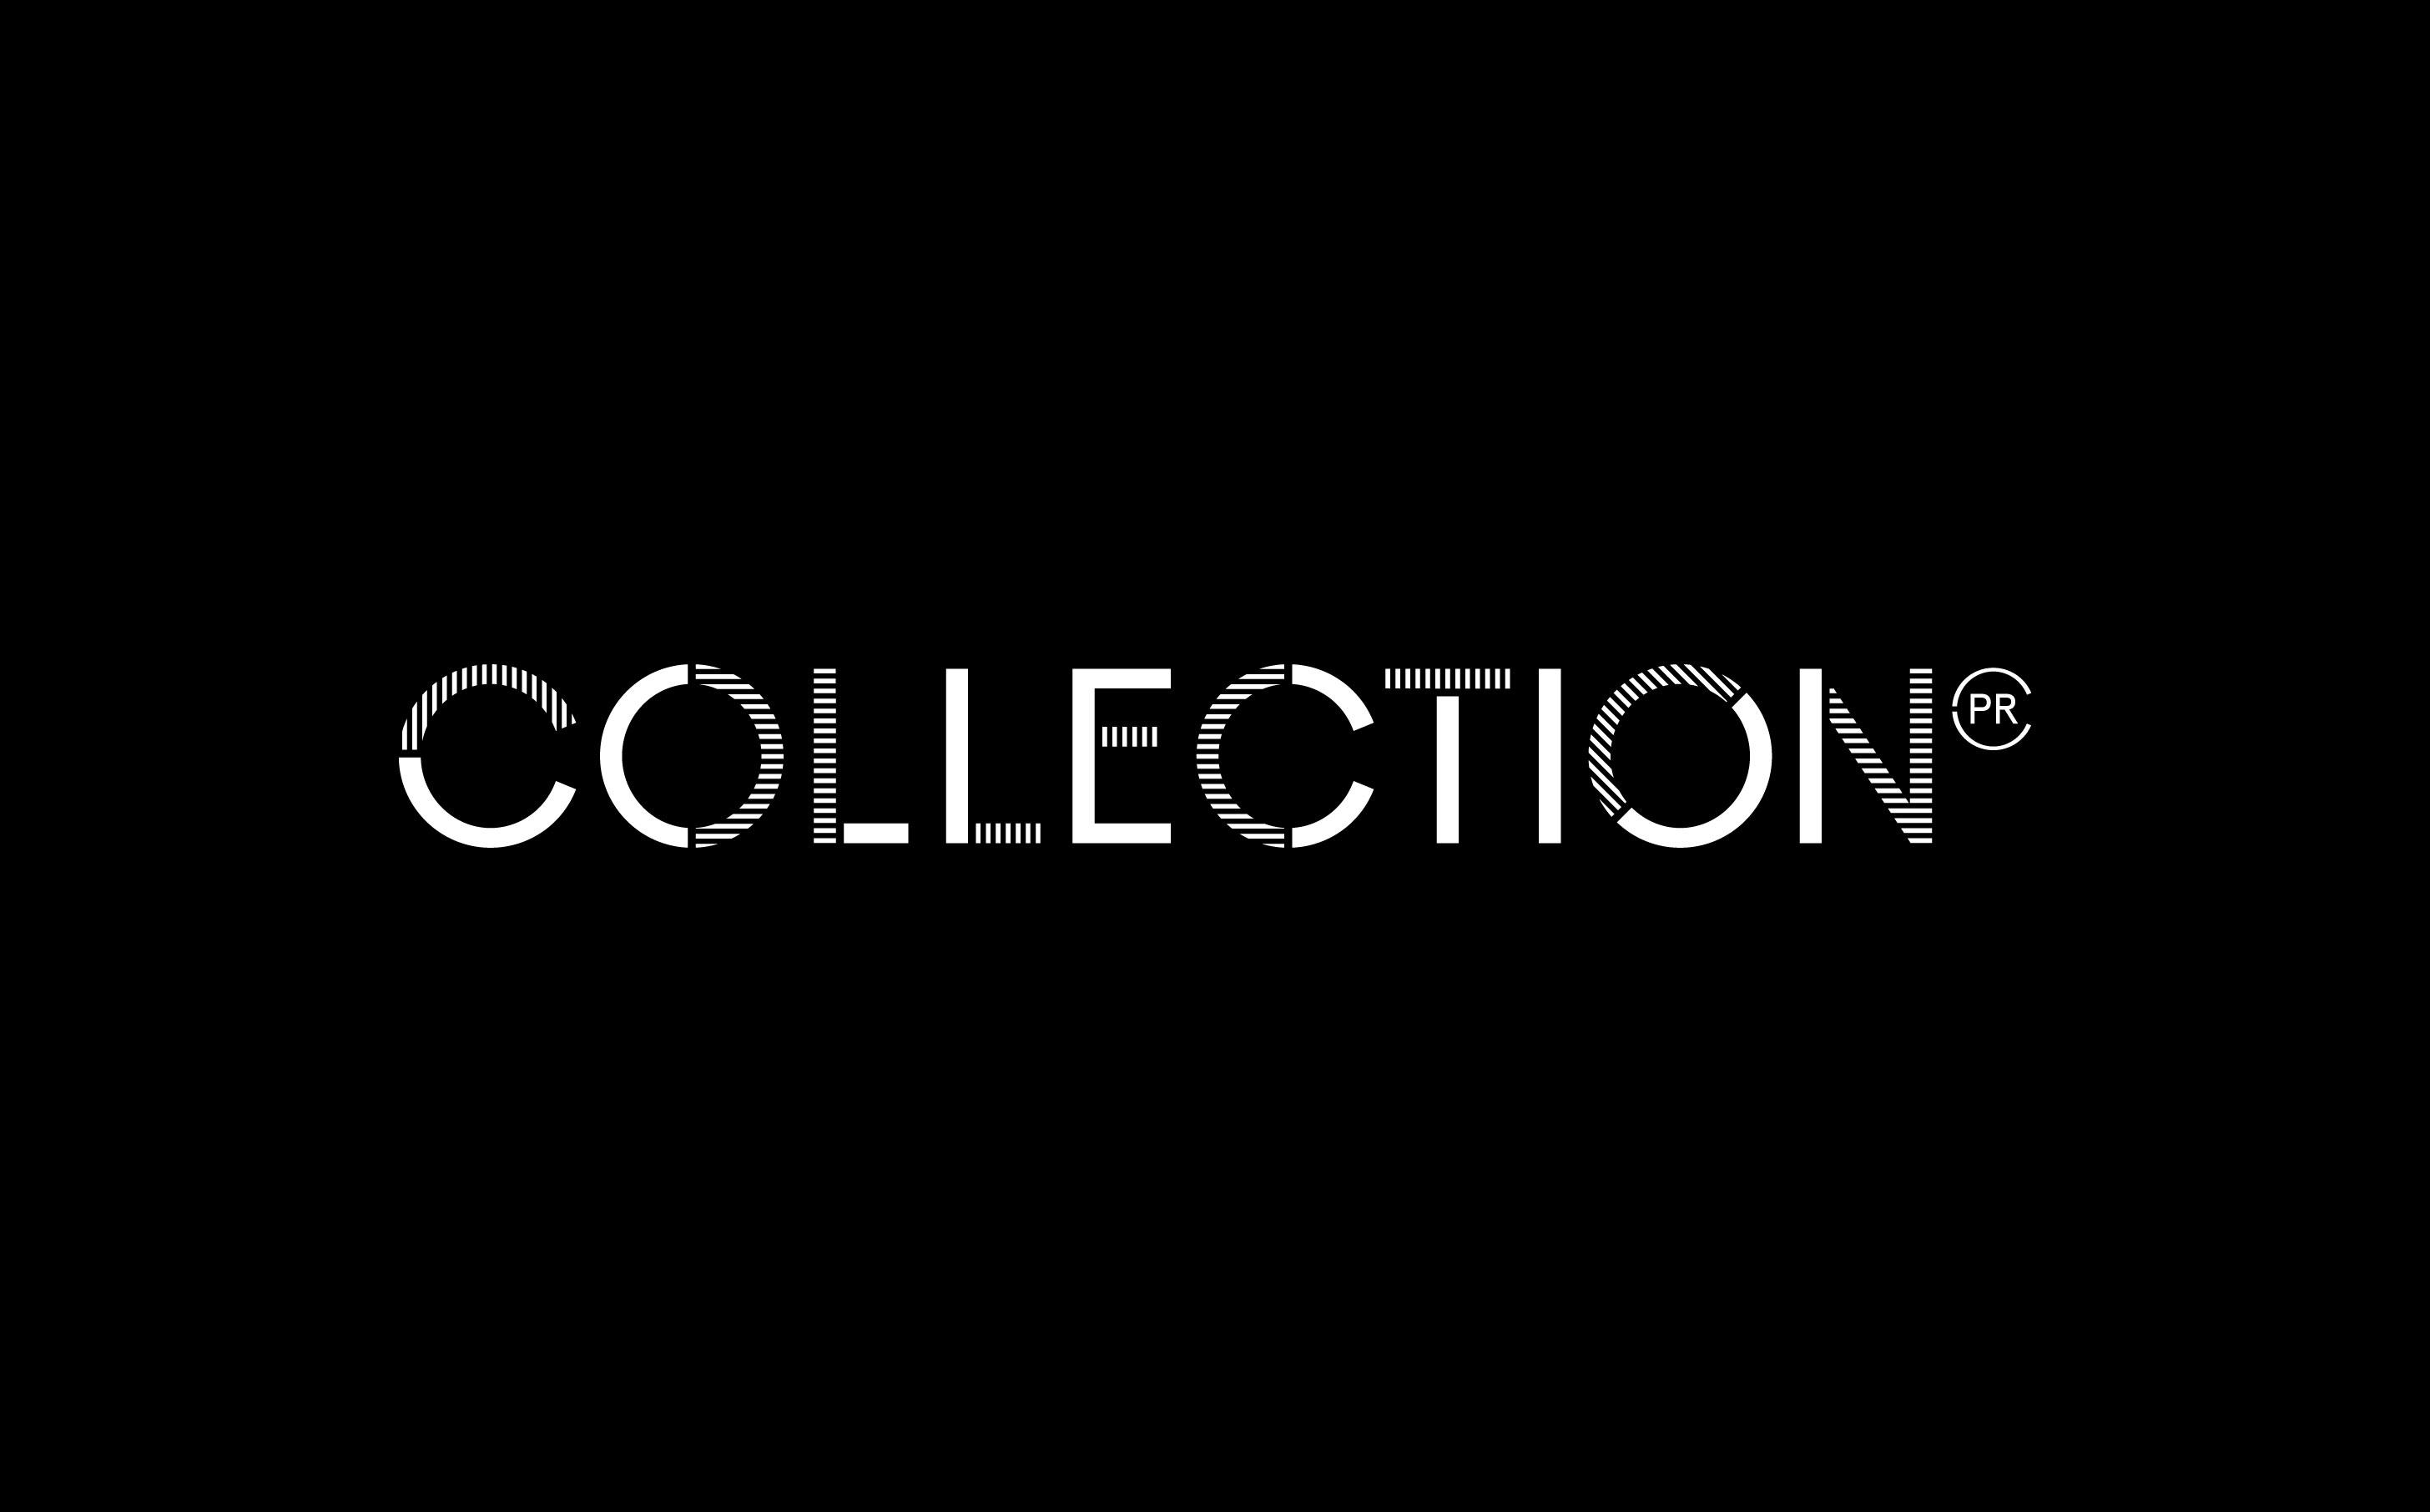 logo-design-collection-pr